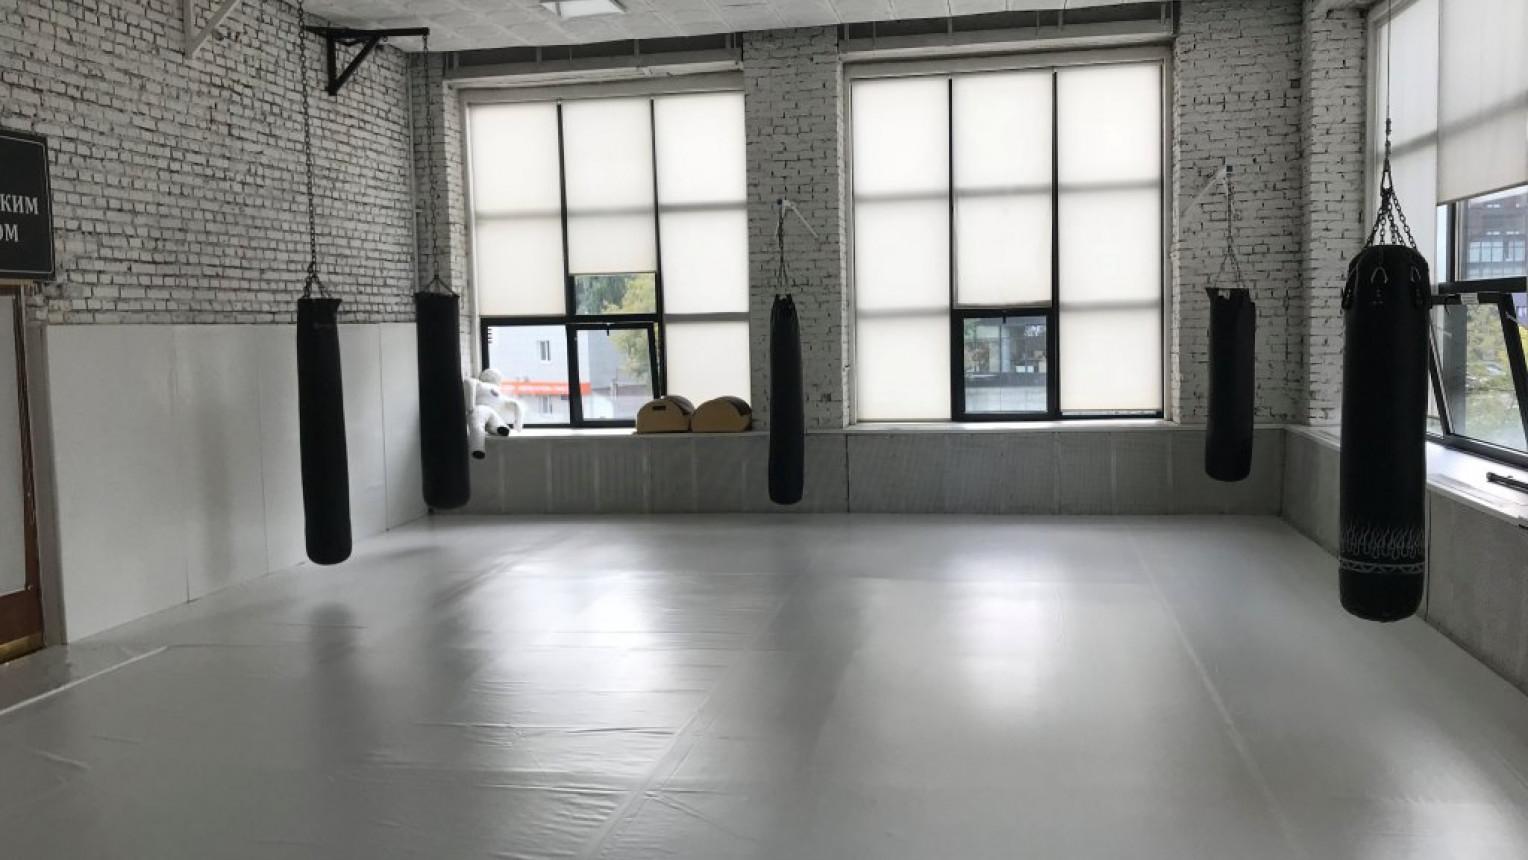 Мягкий зал №1 боевых искусств - фото №5